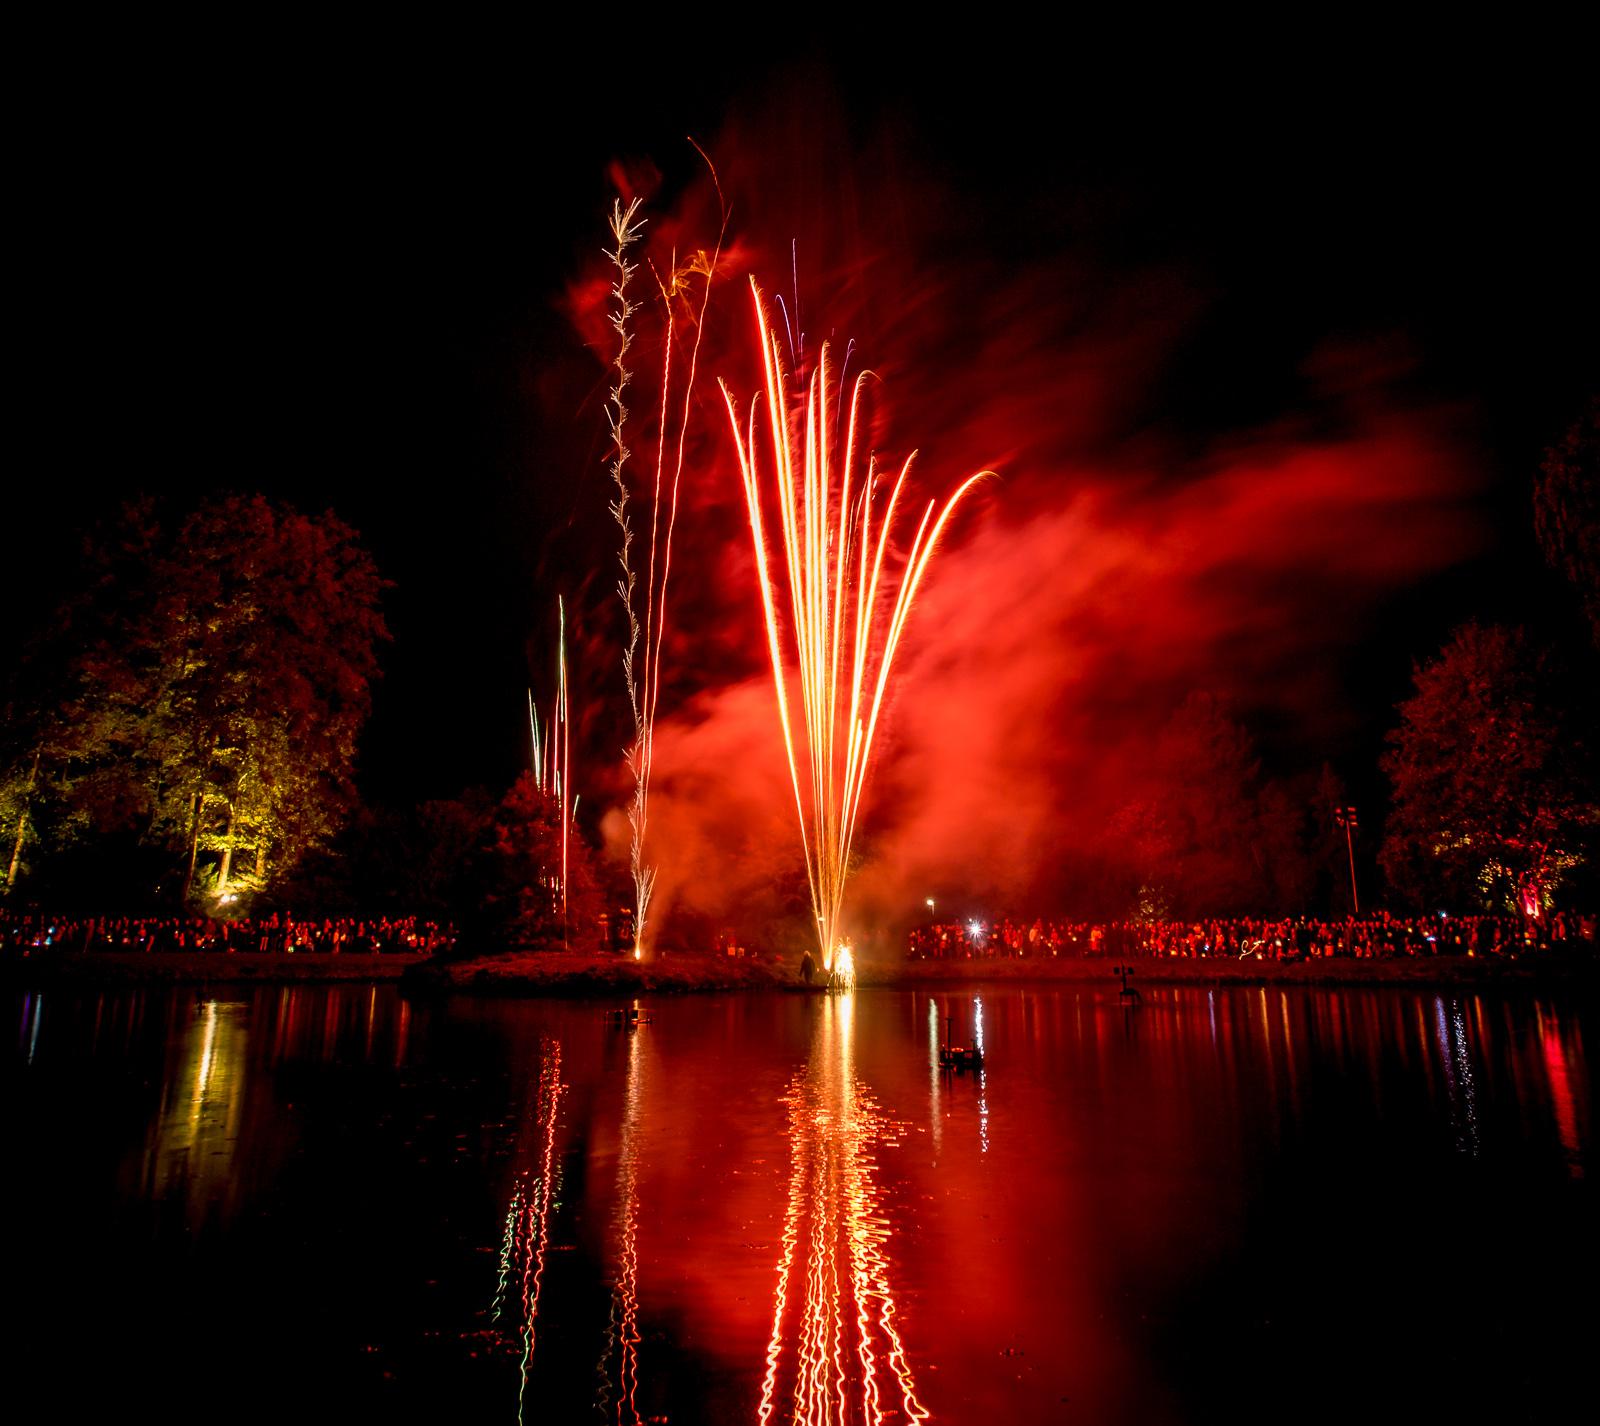 Lichterfest im Stadtpark Lohne